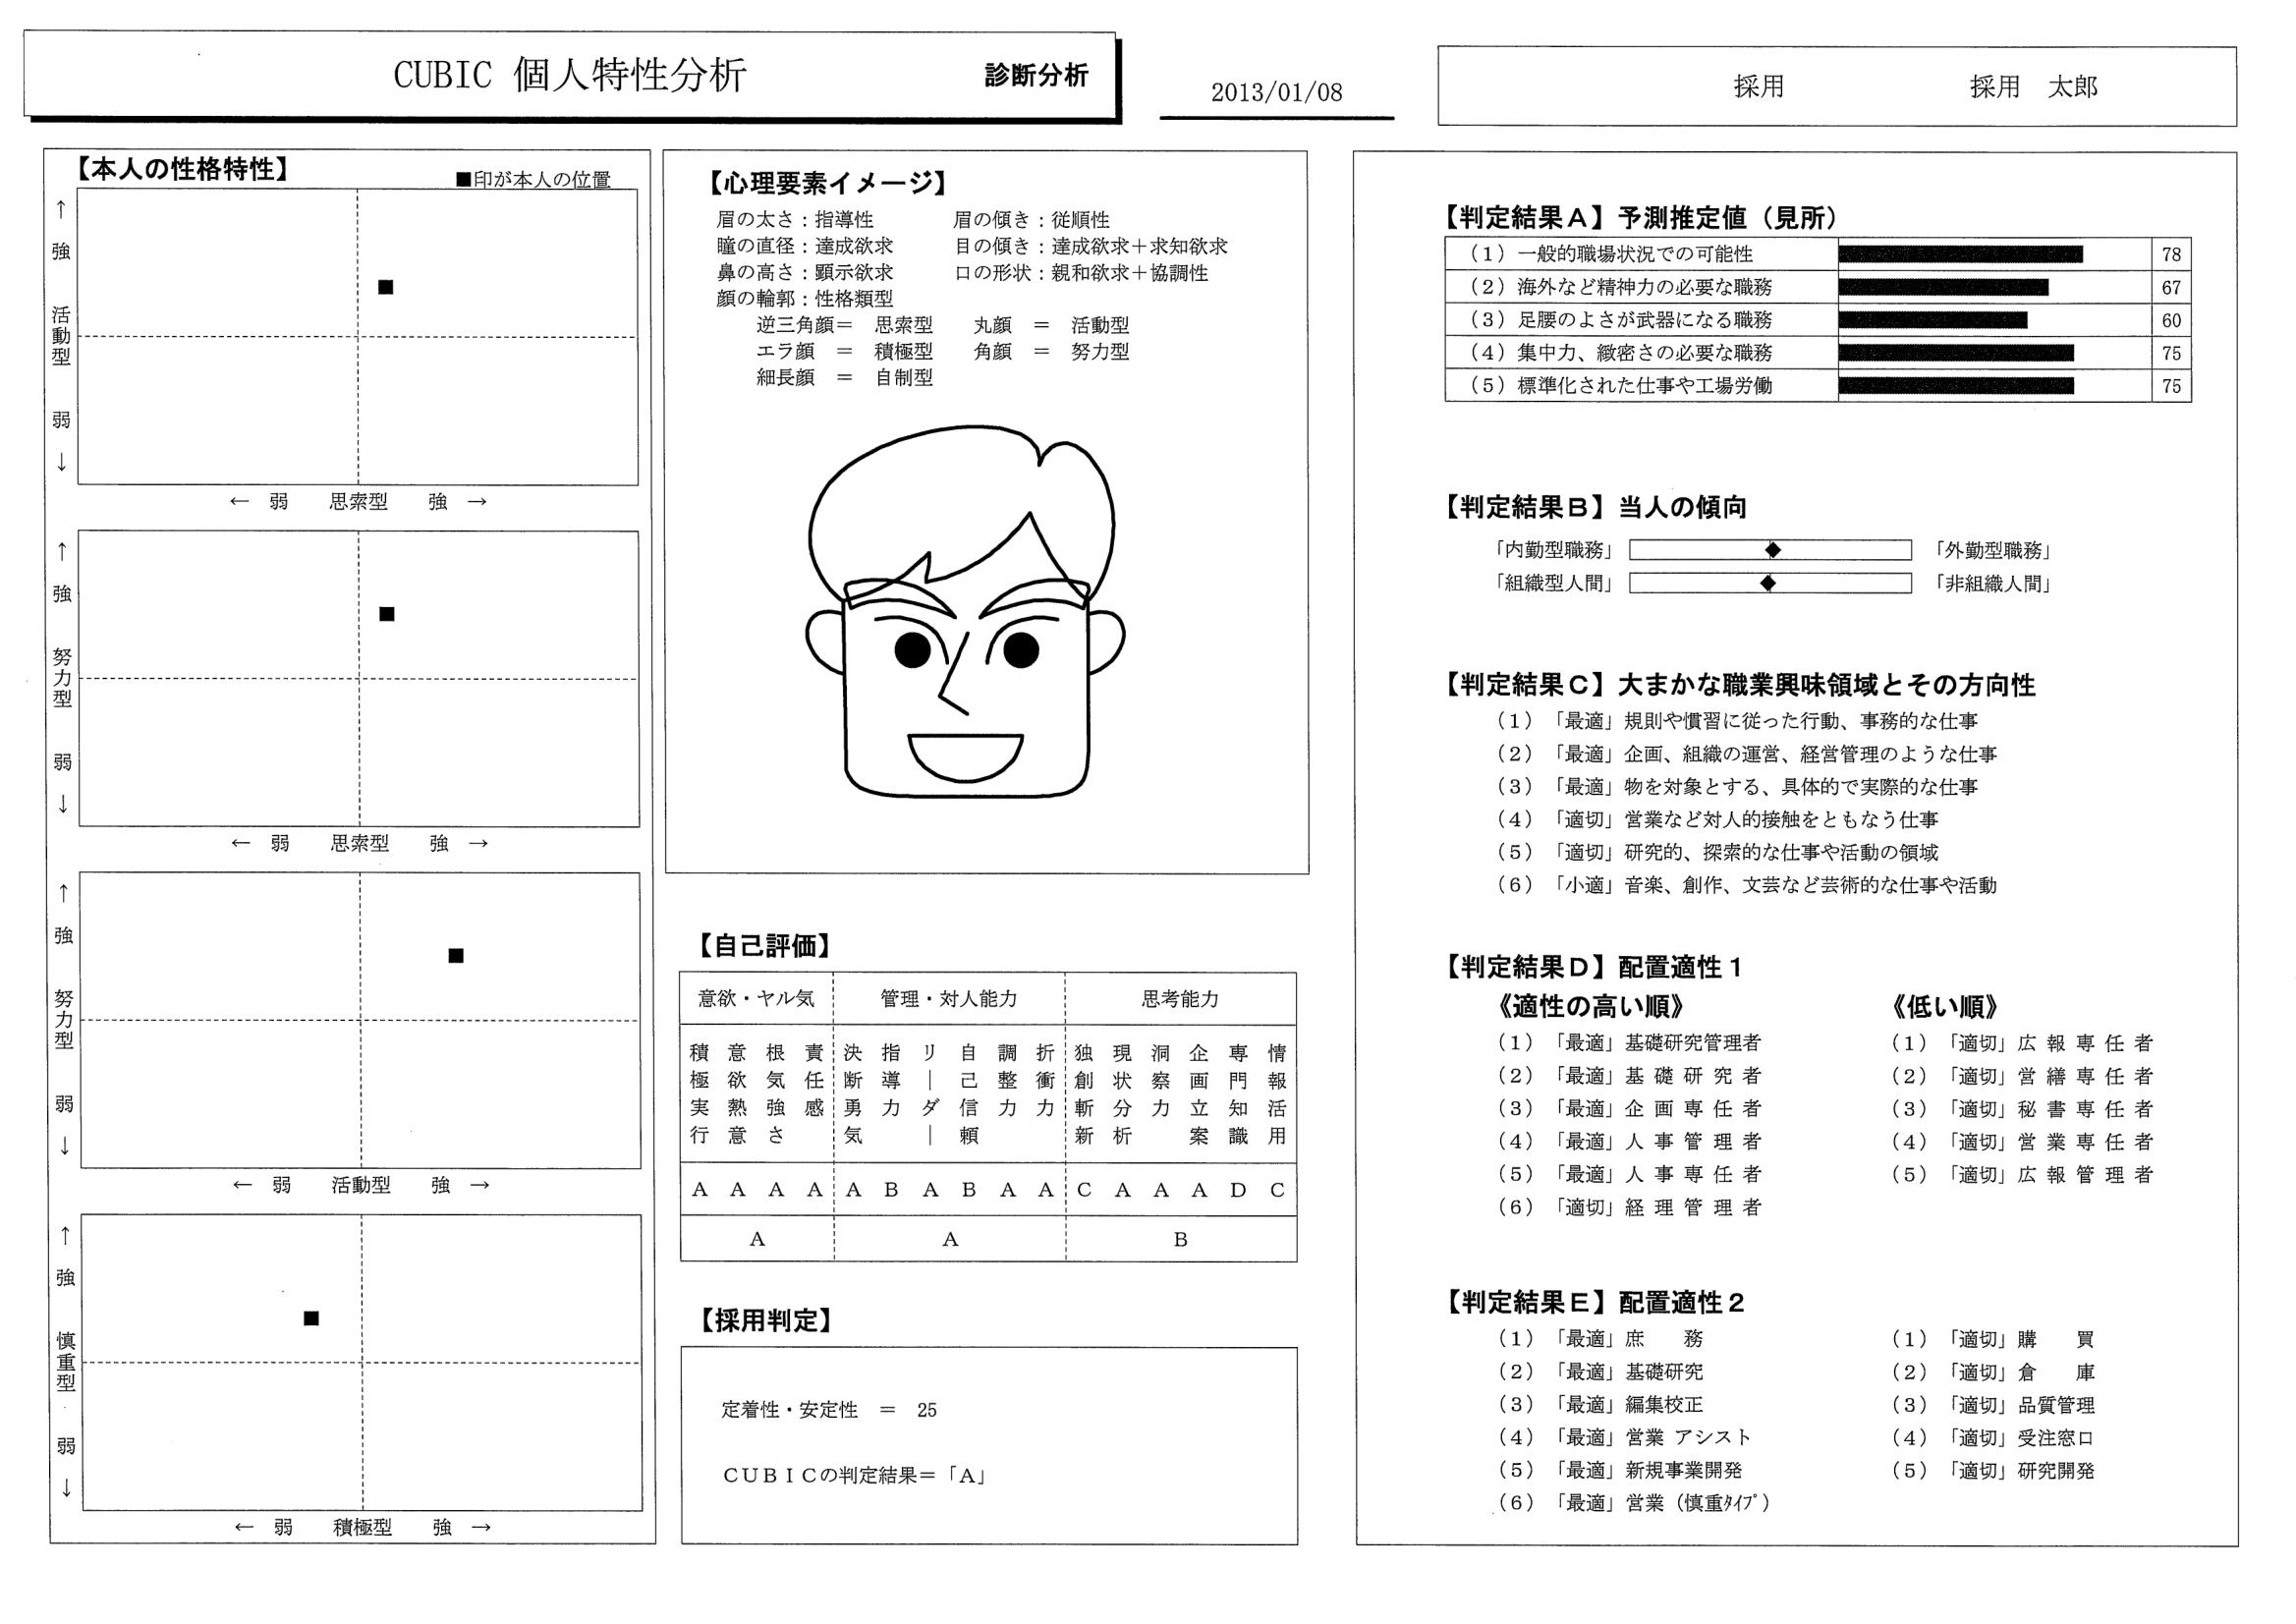 レポートサンプル02